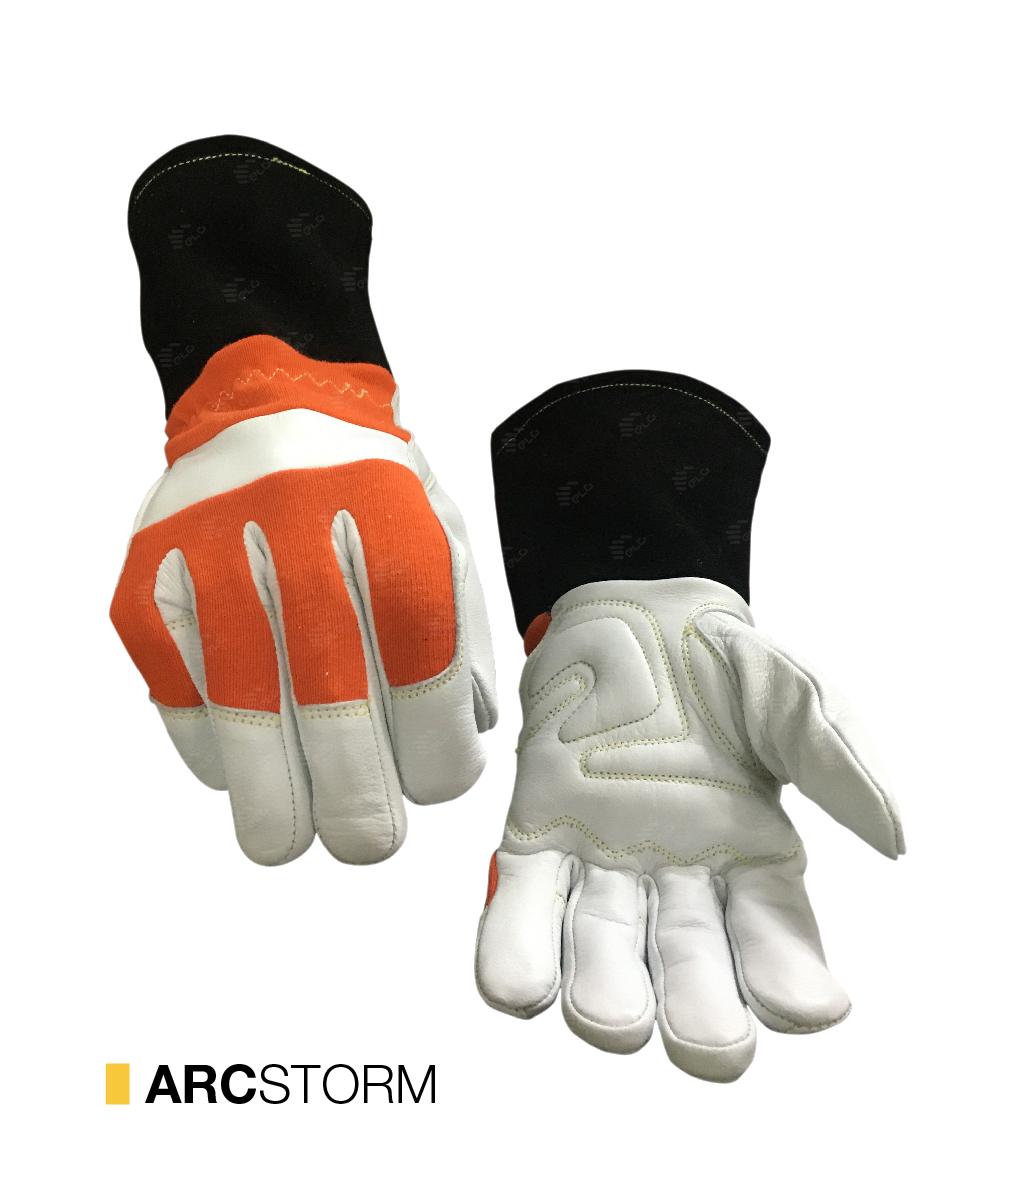 ARCSTORM cut-resistant gloves by elite leather